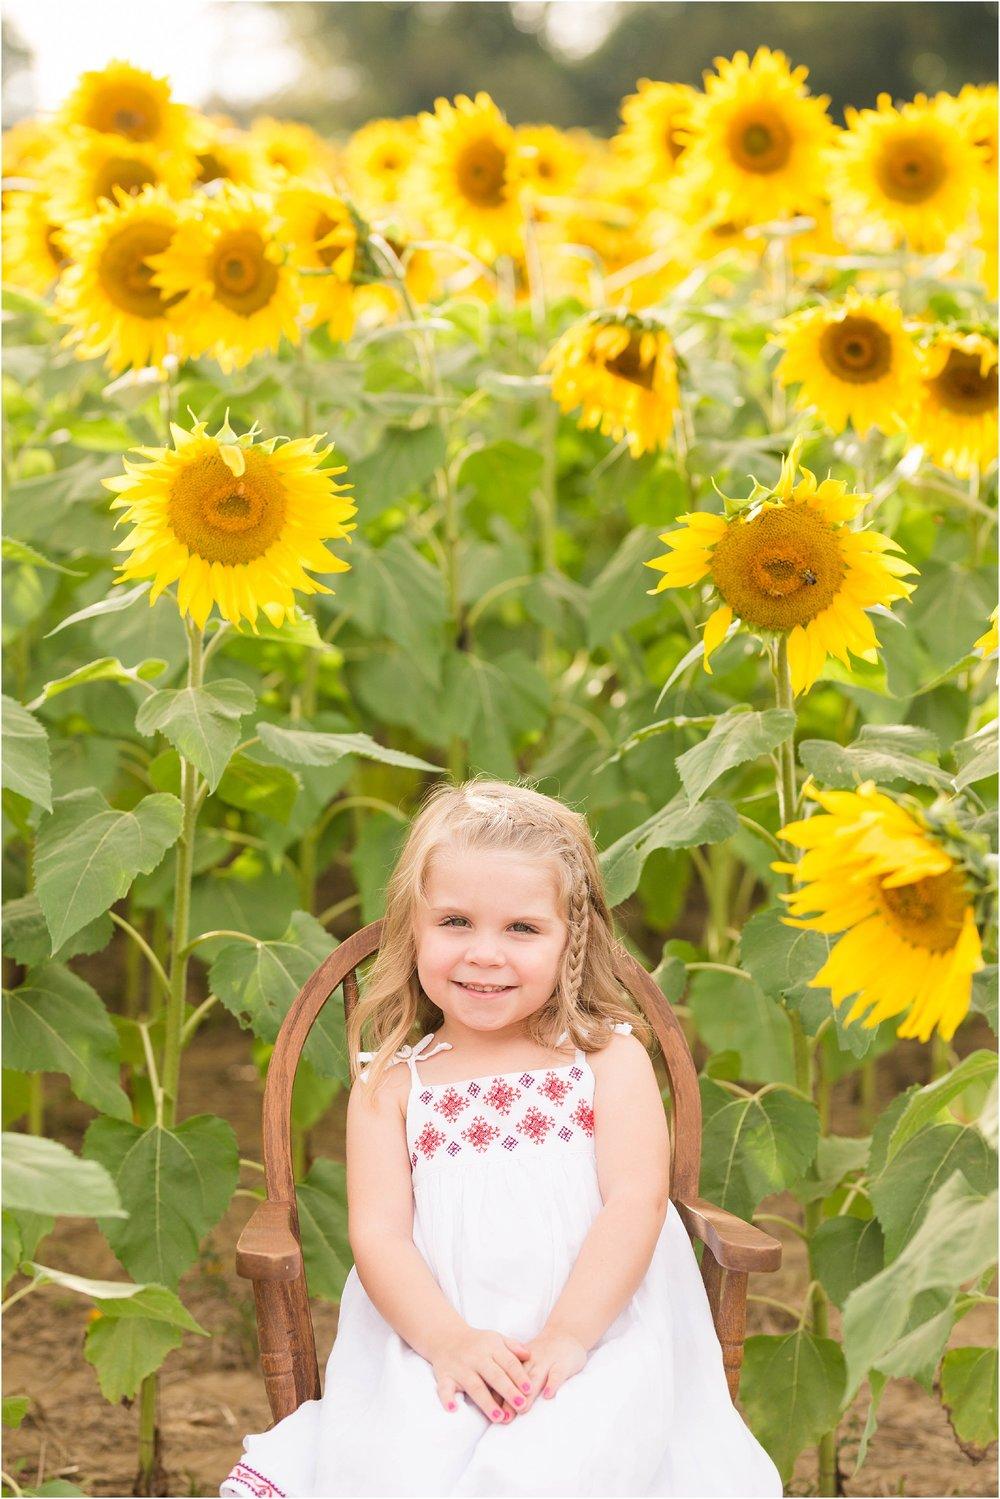 carroll-county-photographer-sunflower-field-3.jpg